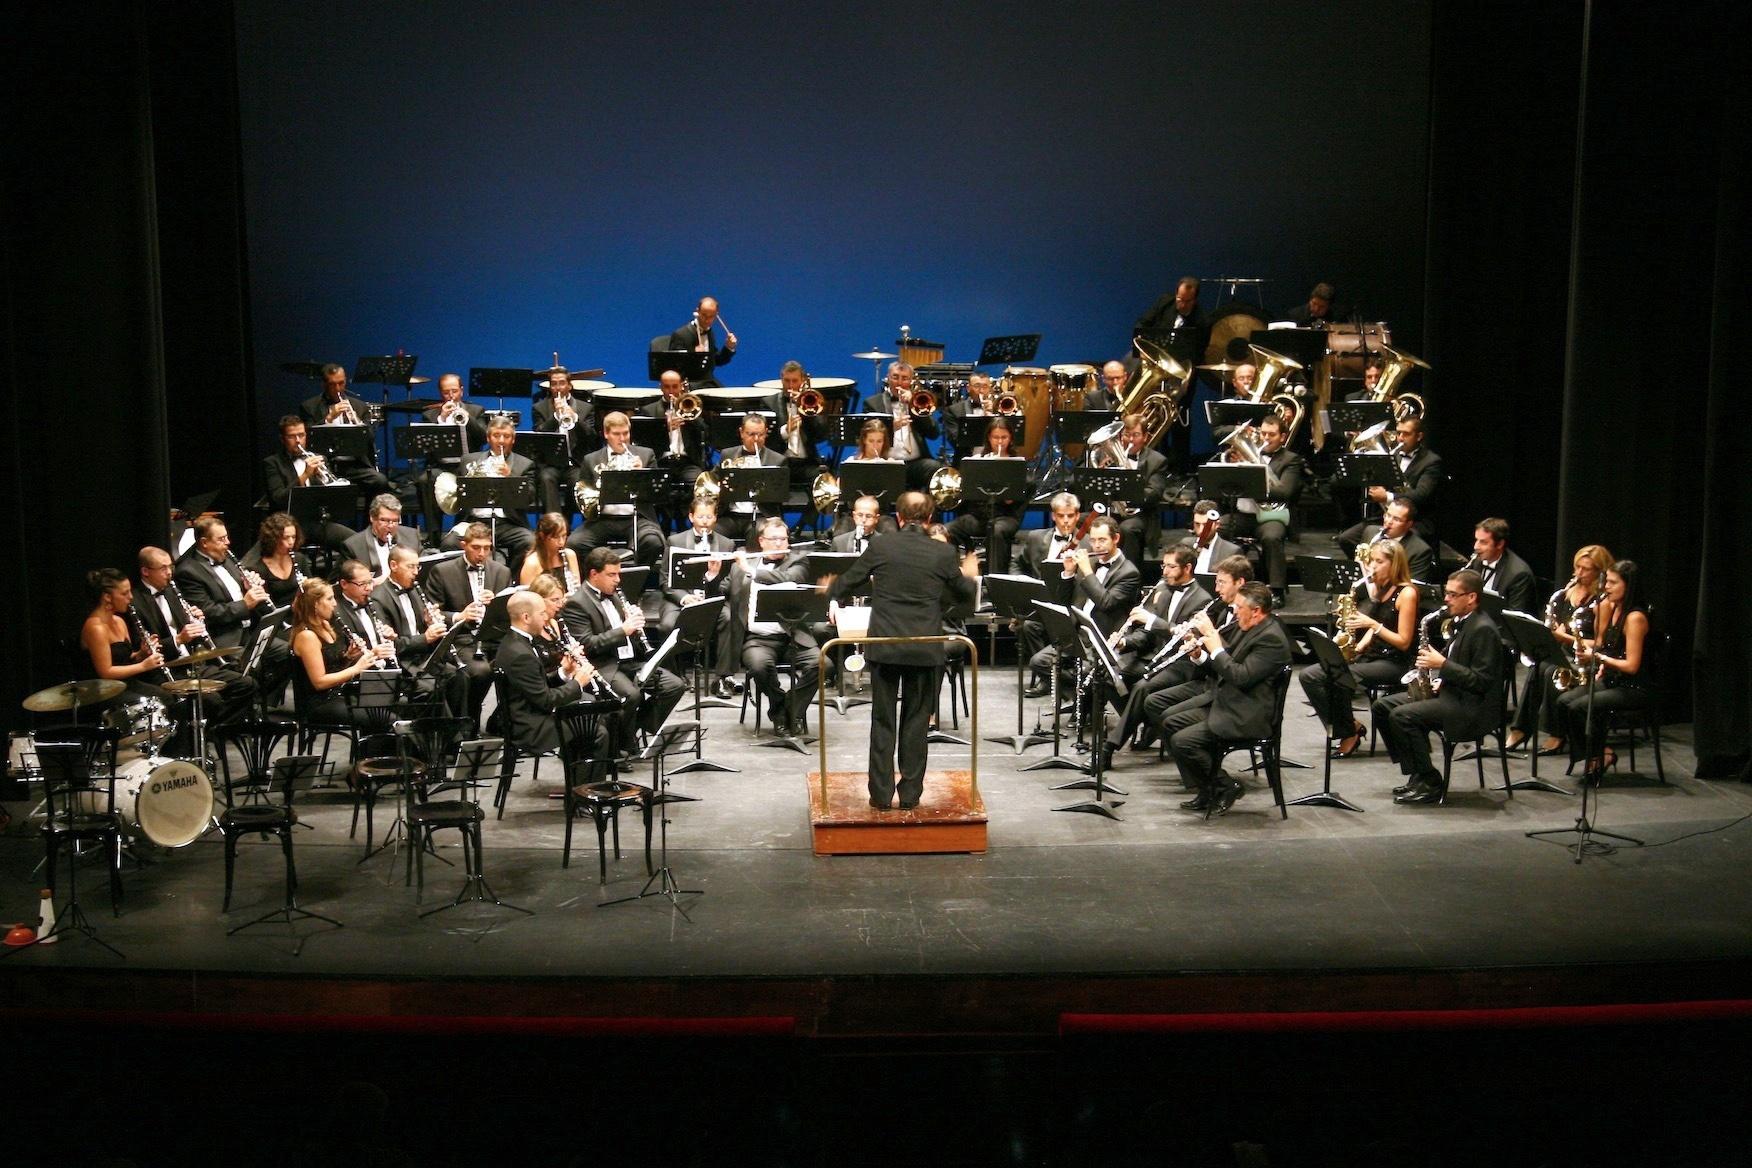 Las bandas de música de La Matanza, Tejina y Santa Cruz actúan en el Auditorio de Tenerife